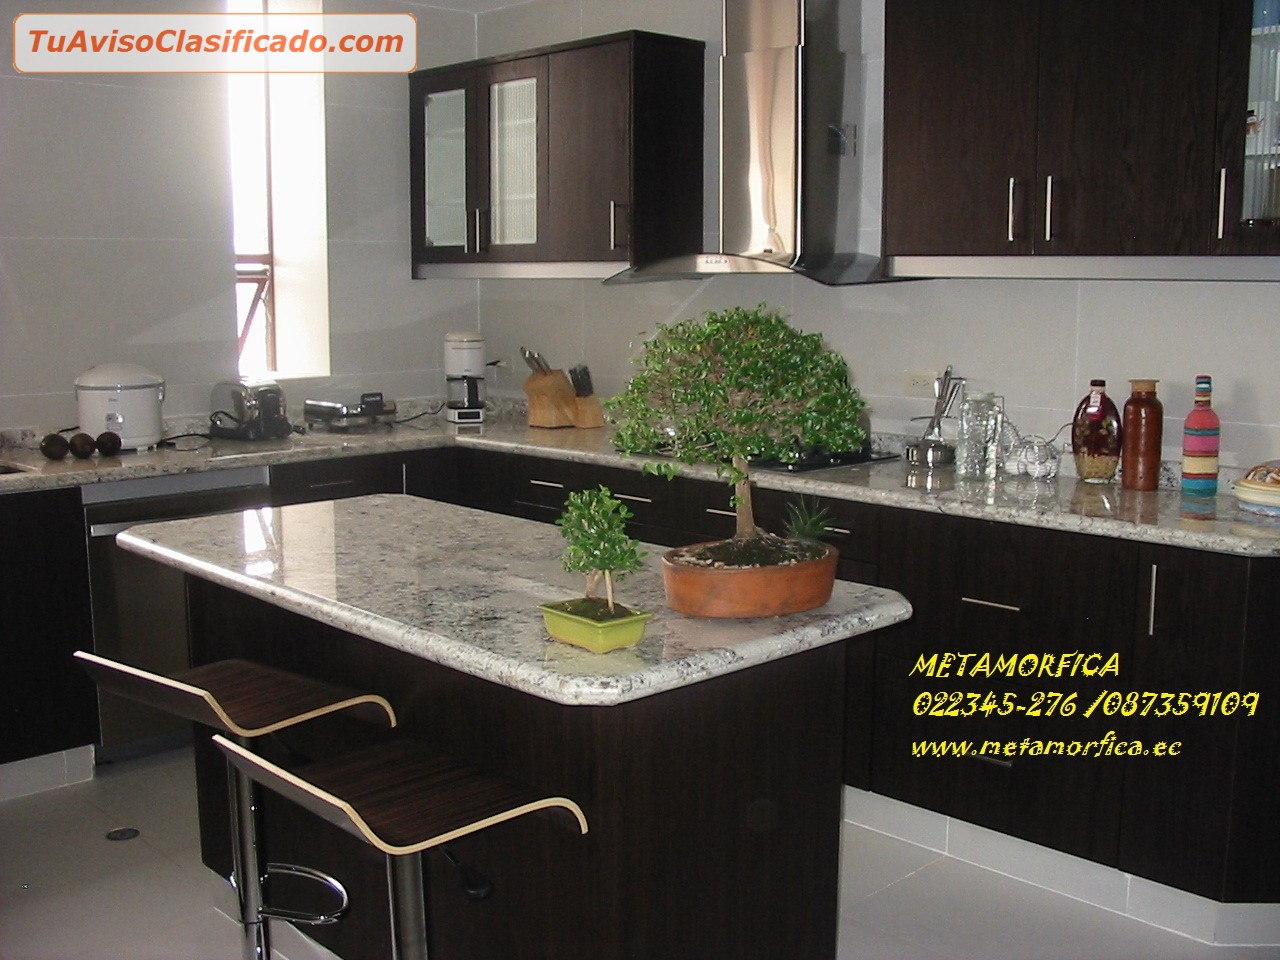 marmoles maderas y granitos mobiliario y equipamiento